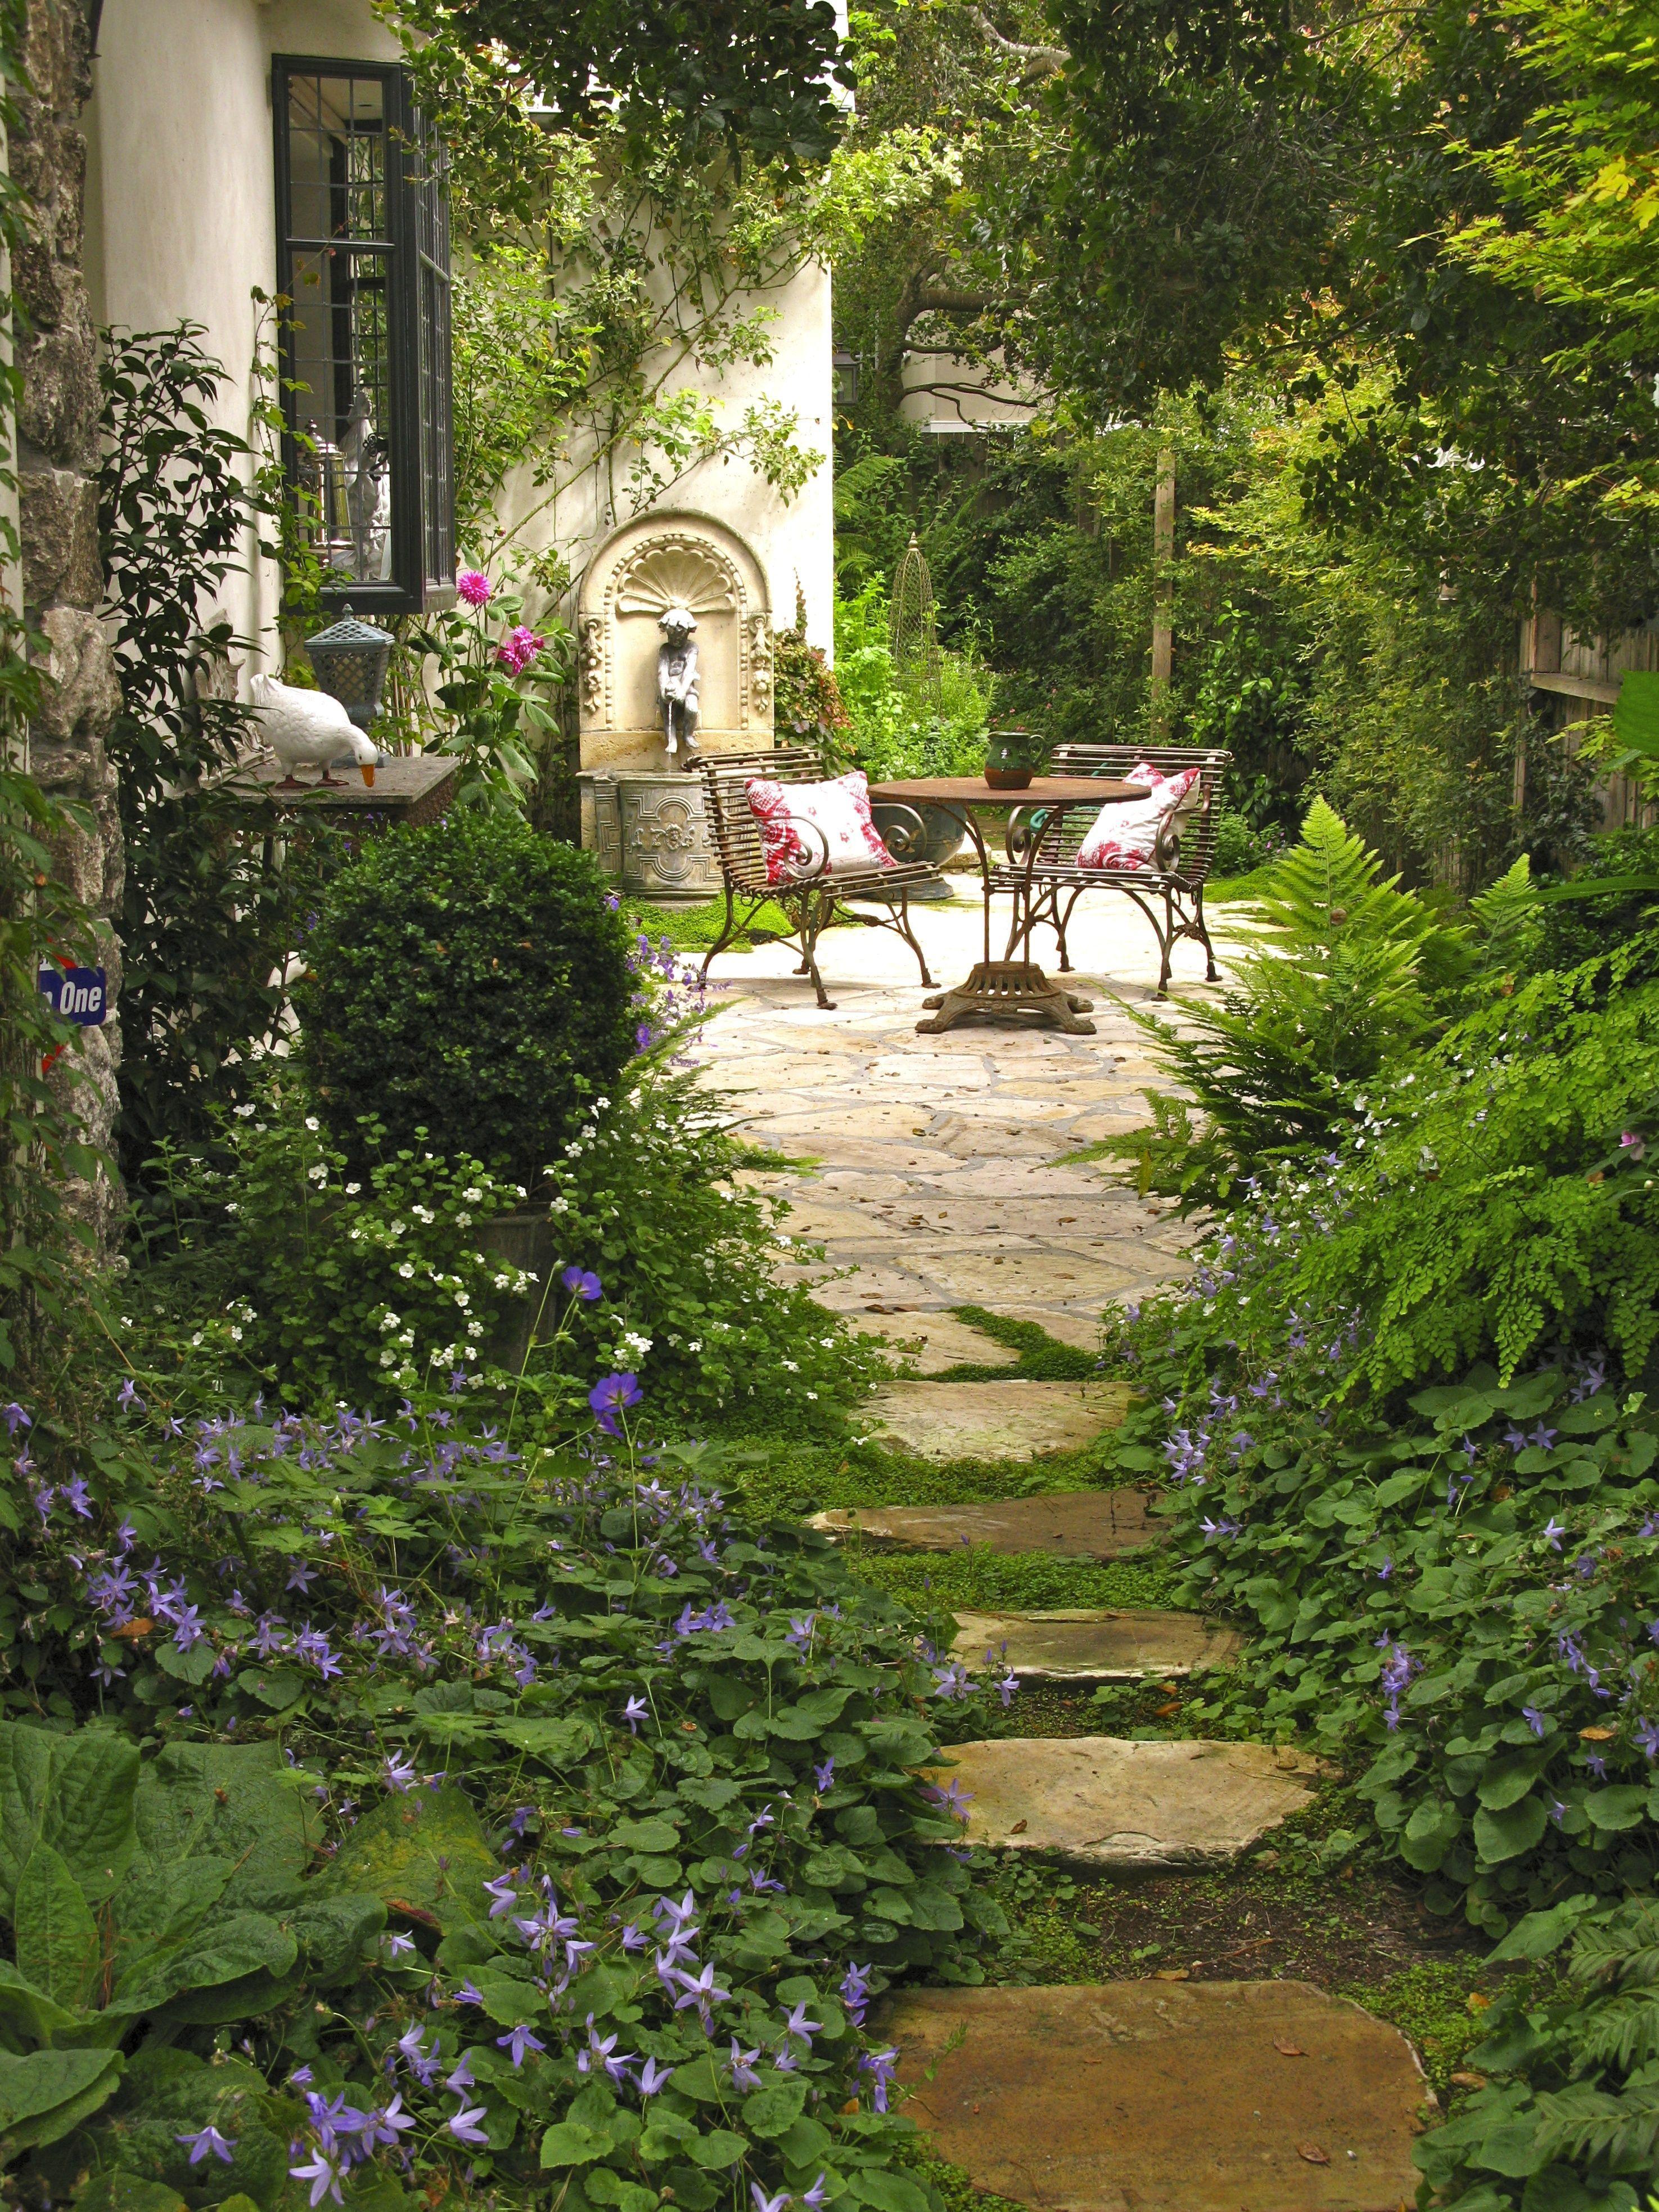 25 cottage style garden ideas | garden | pinterest | garten, garten